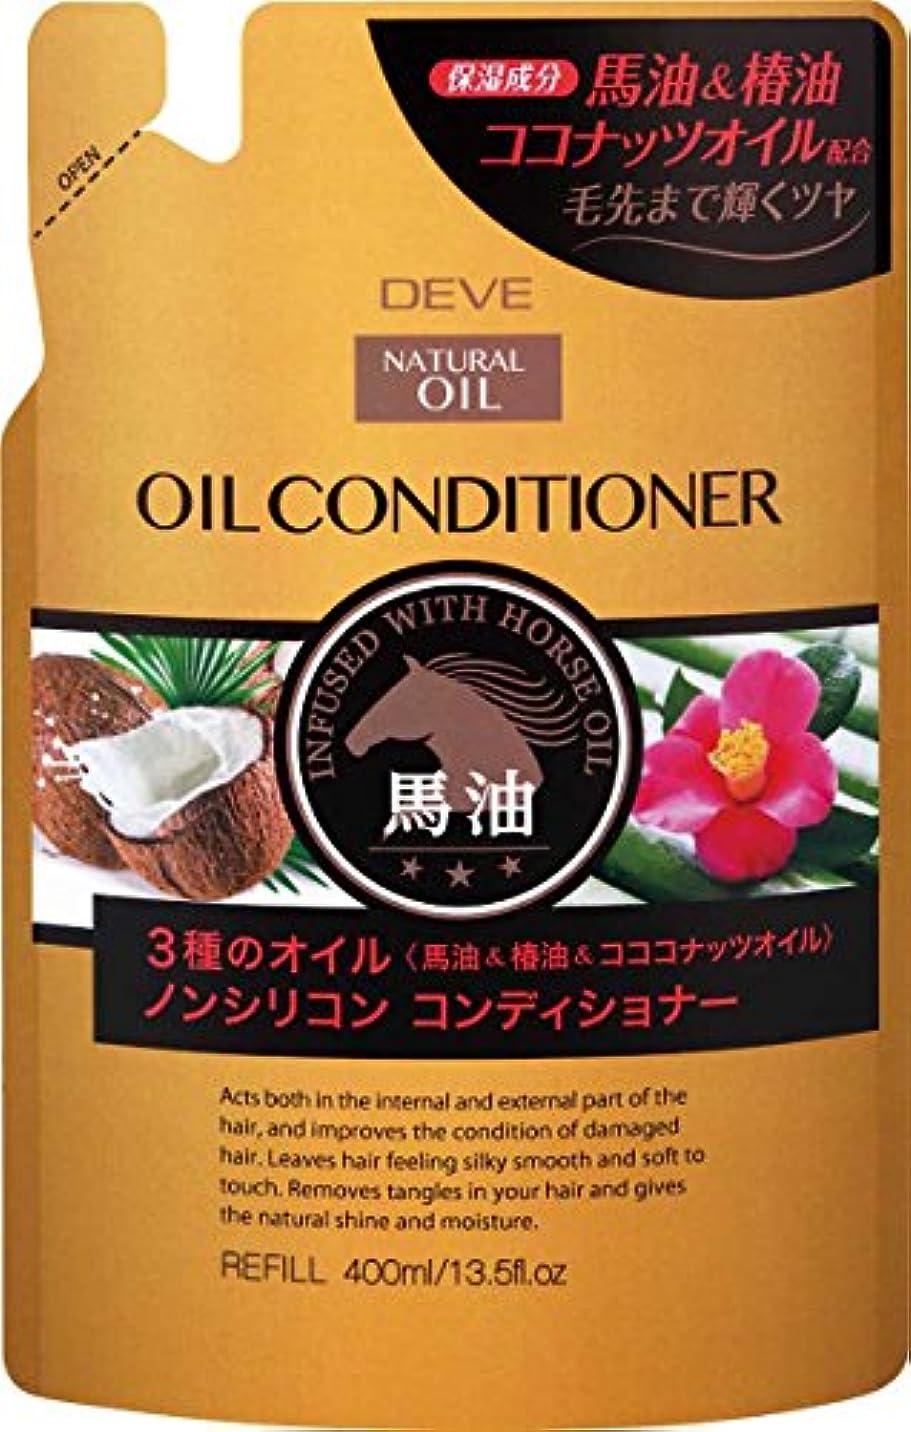 教師の日運河オリエンテーション熊野油脂 ディブ 3種のオイル コンディショナー(馬油?椿油?ココナッツオイル) 400ml